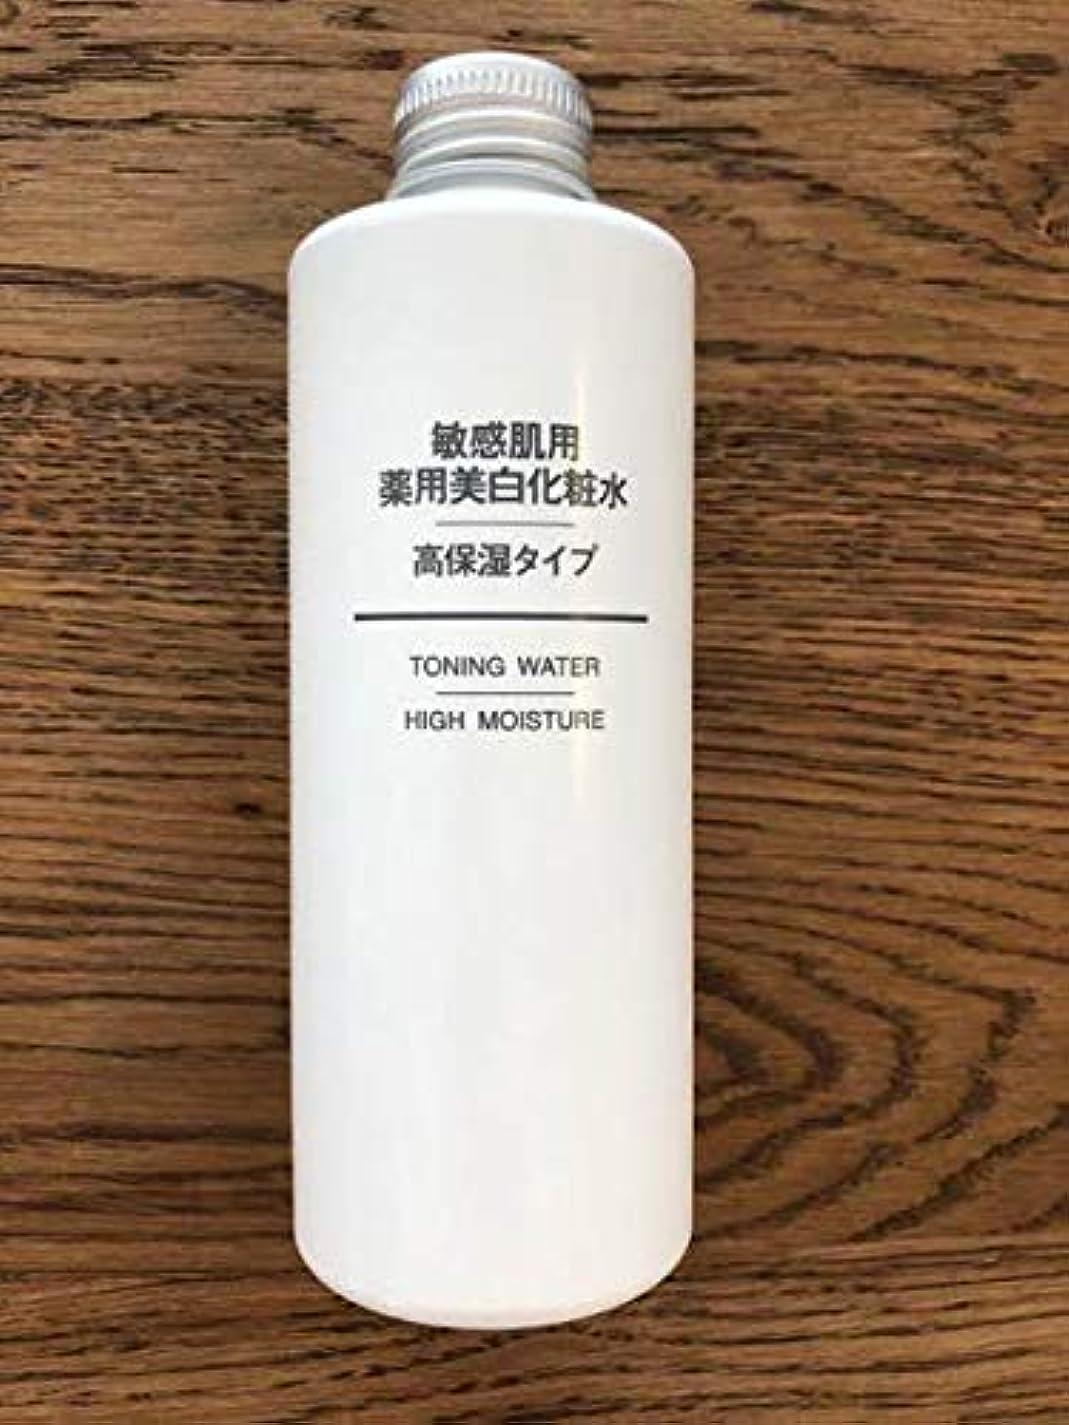 要塞ナプキン失速無印良品 敏感肌用 薬用美白化粧水 高保湿タイプ (新)200ml